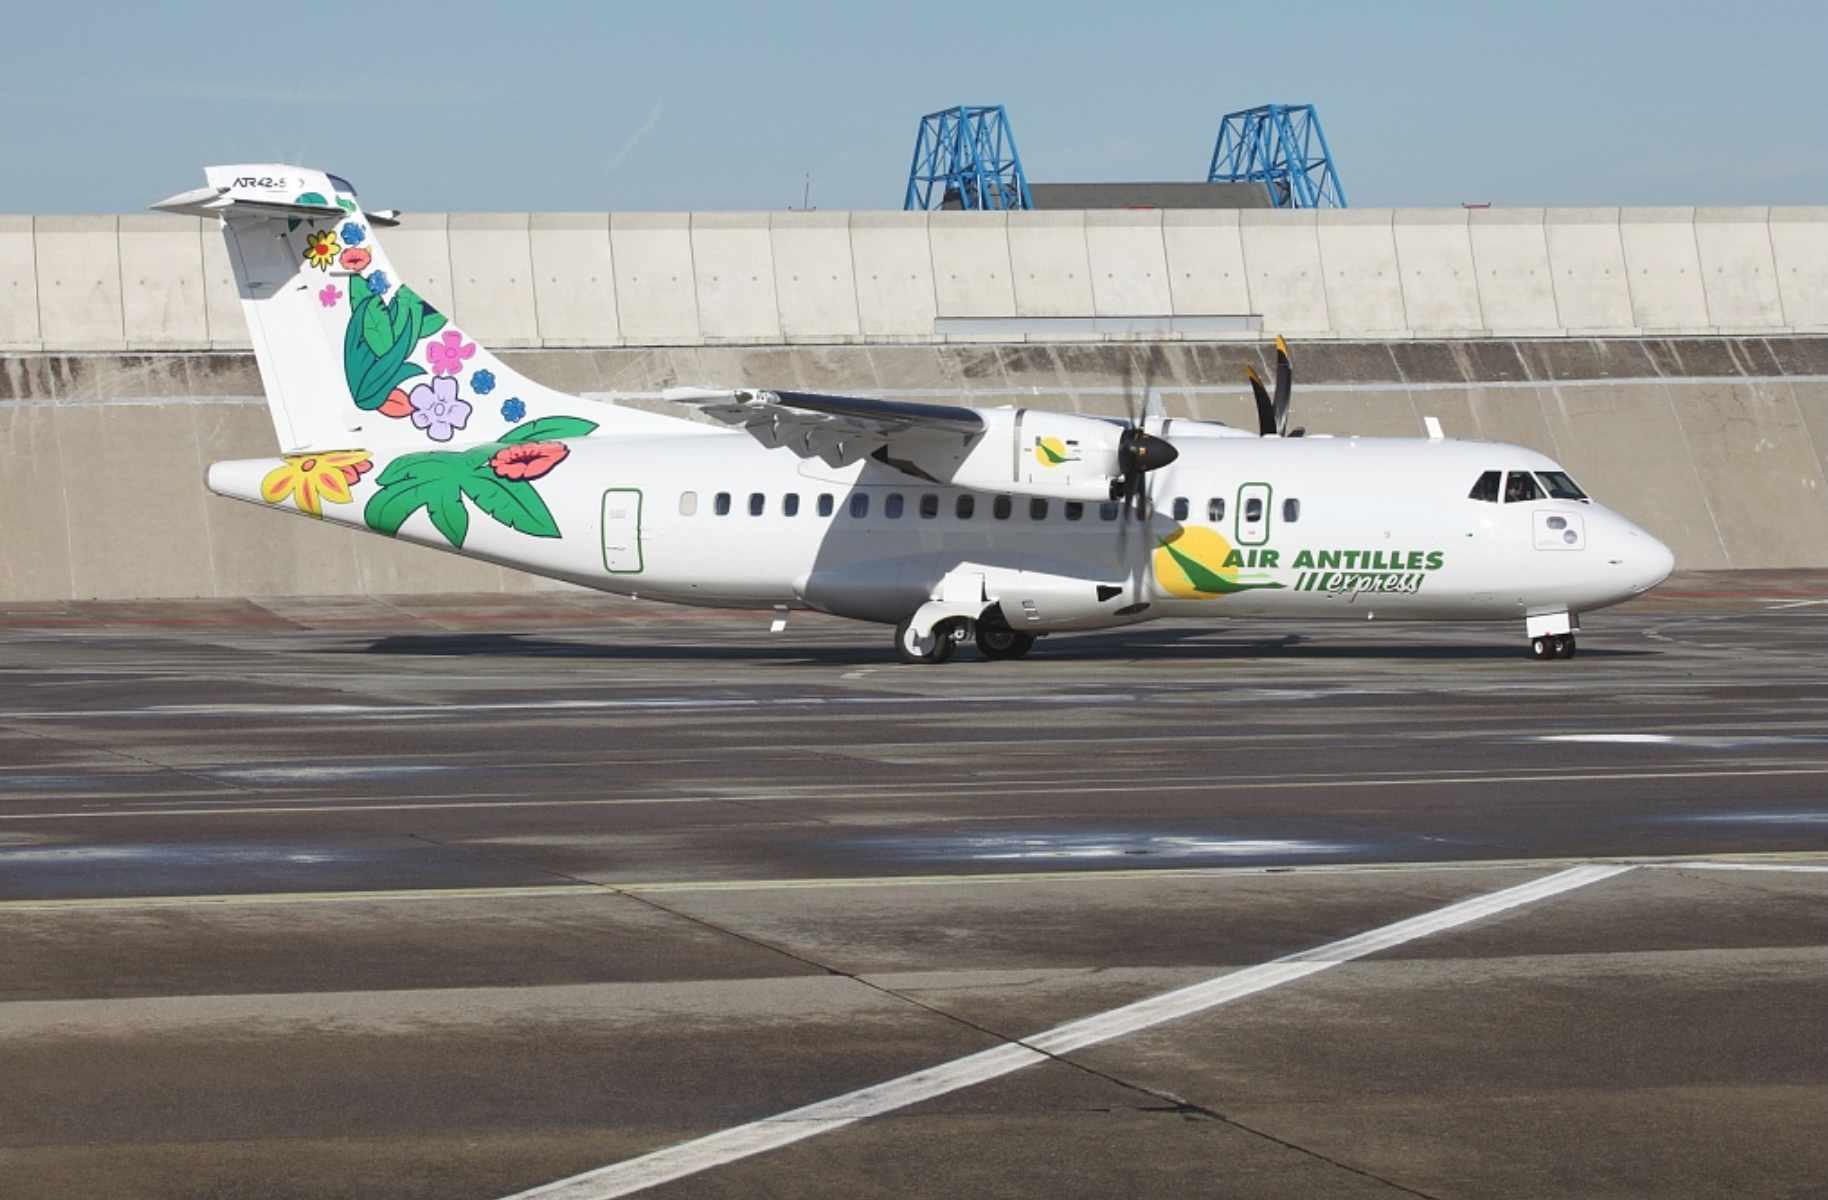 Air Antilles lance des vols réguliers vers Punta Cana